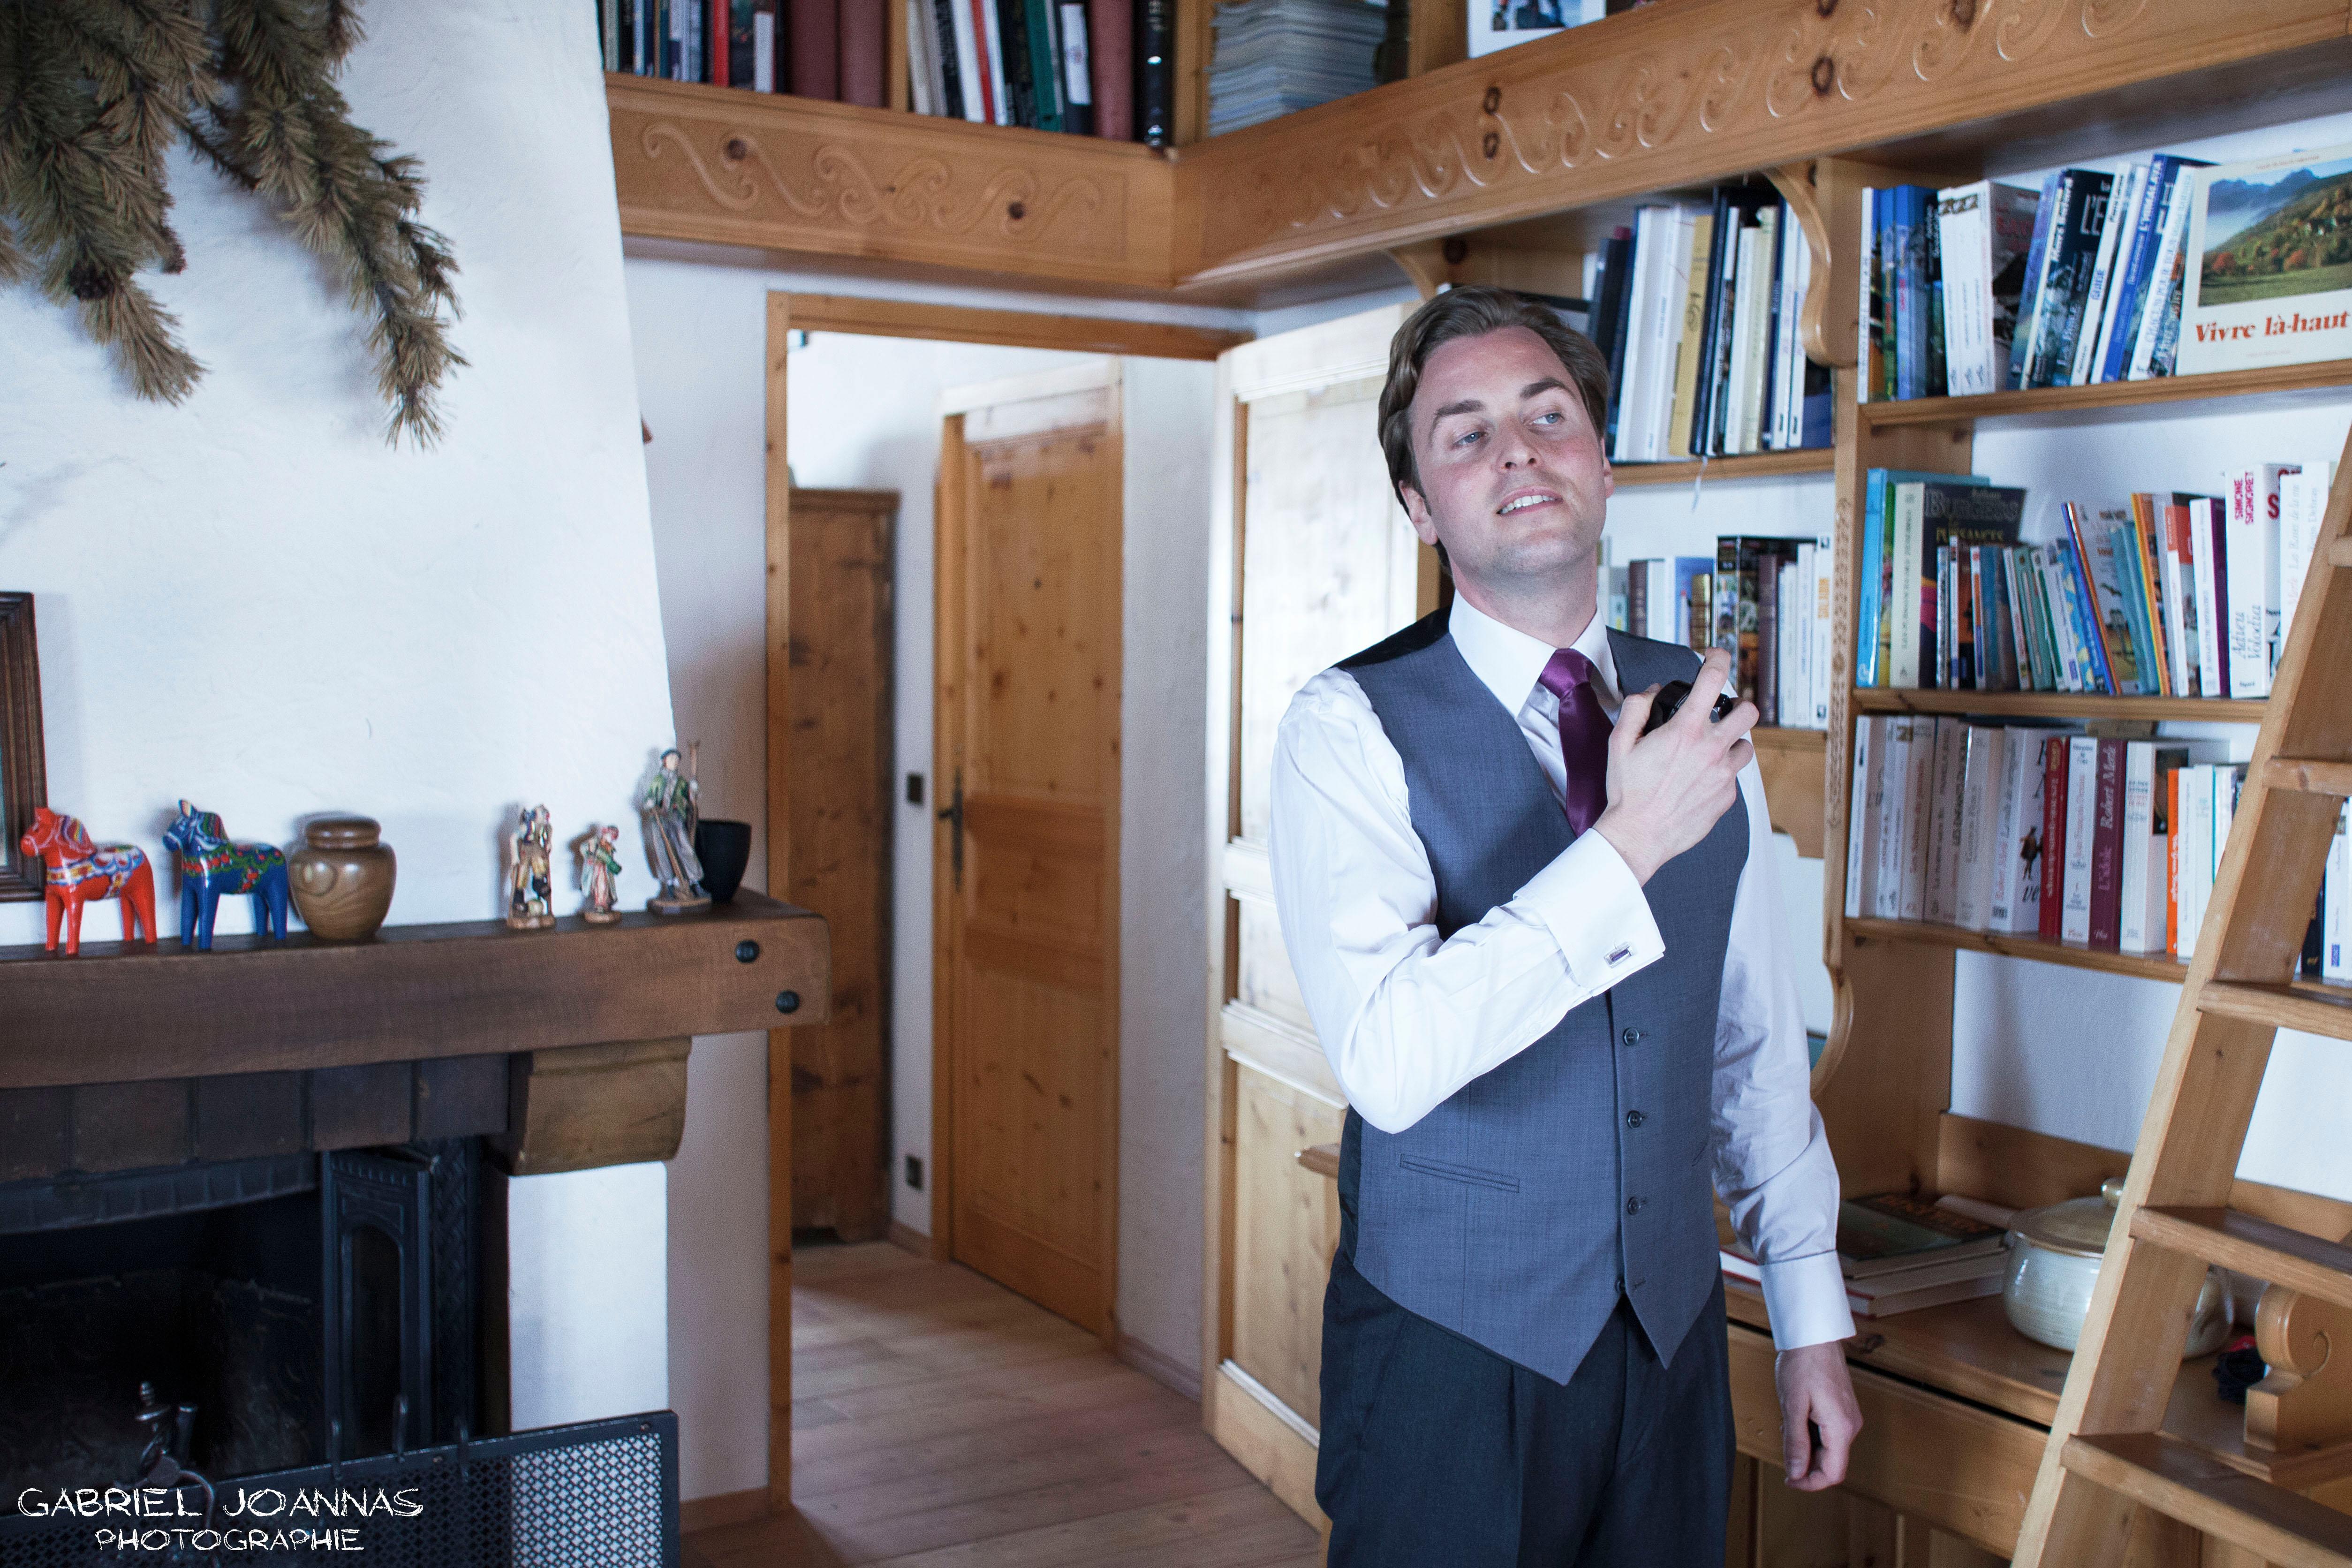 Gabriel joannas photographie